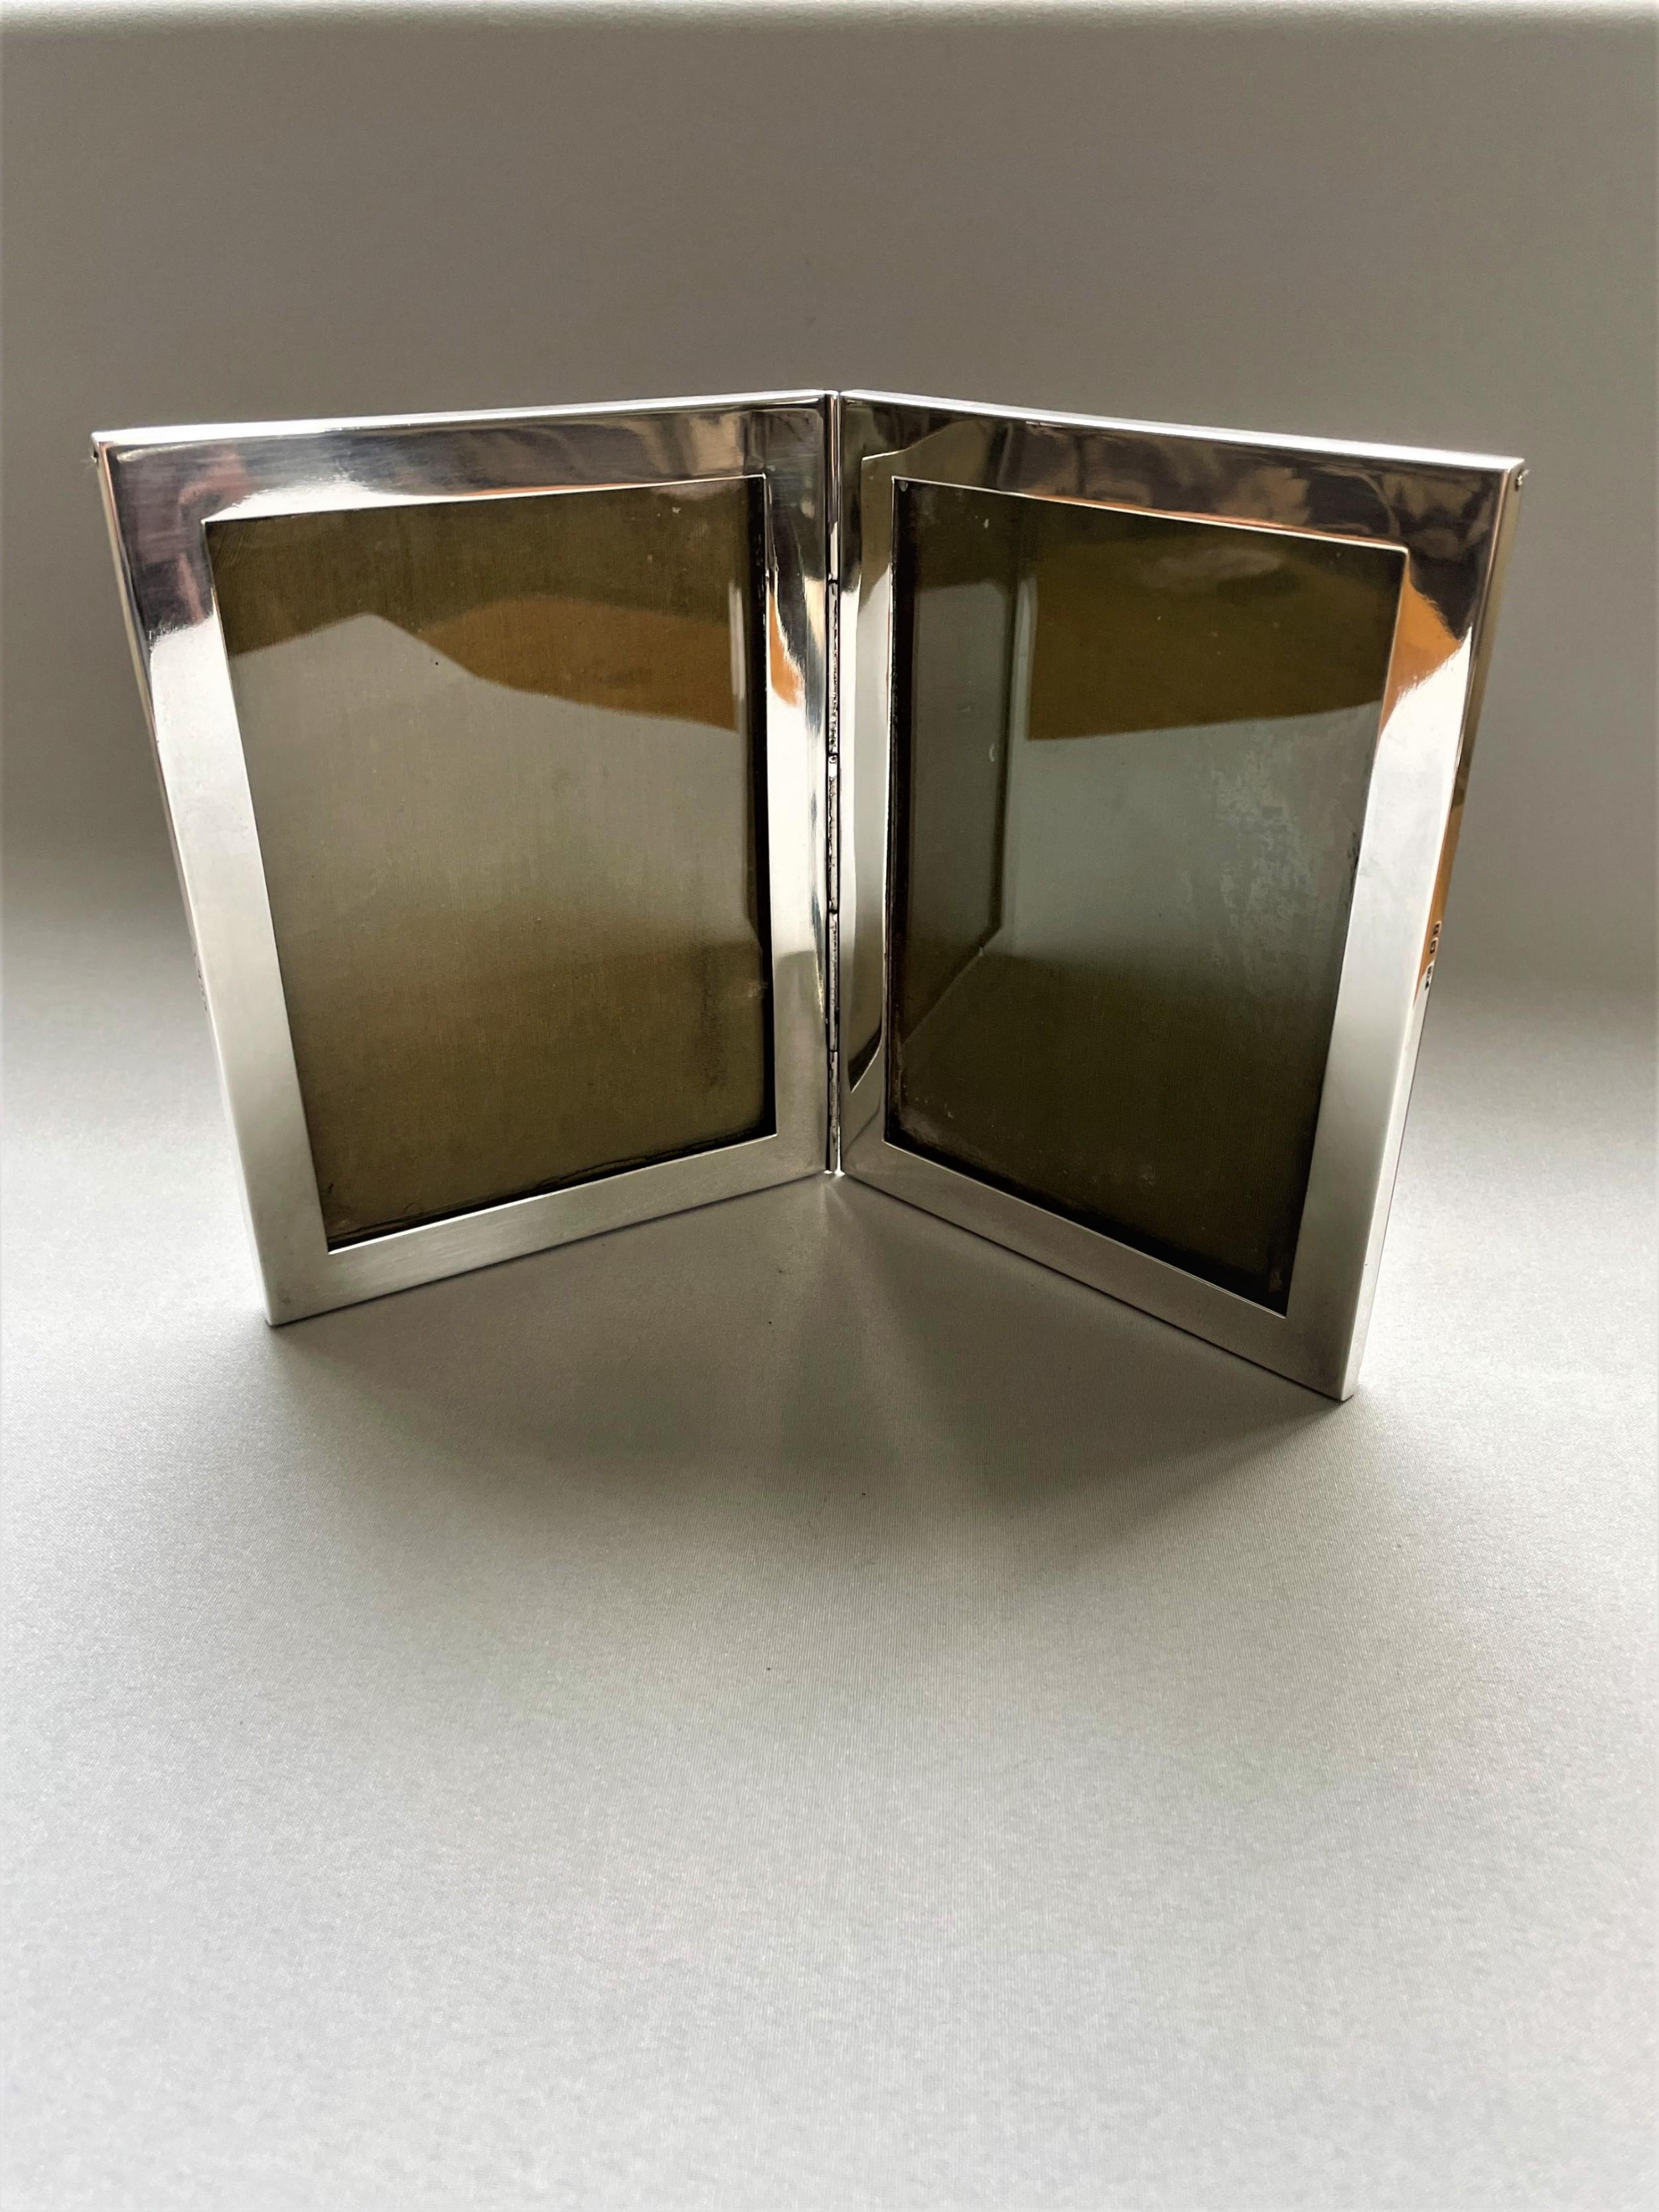 a rare silver double folding photo frame